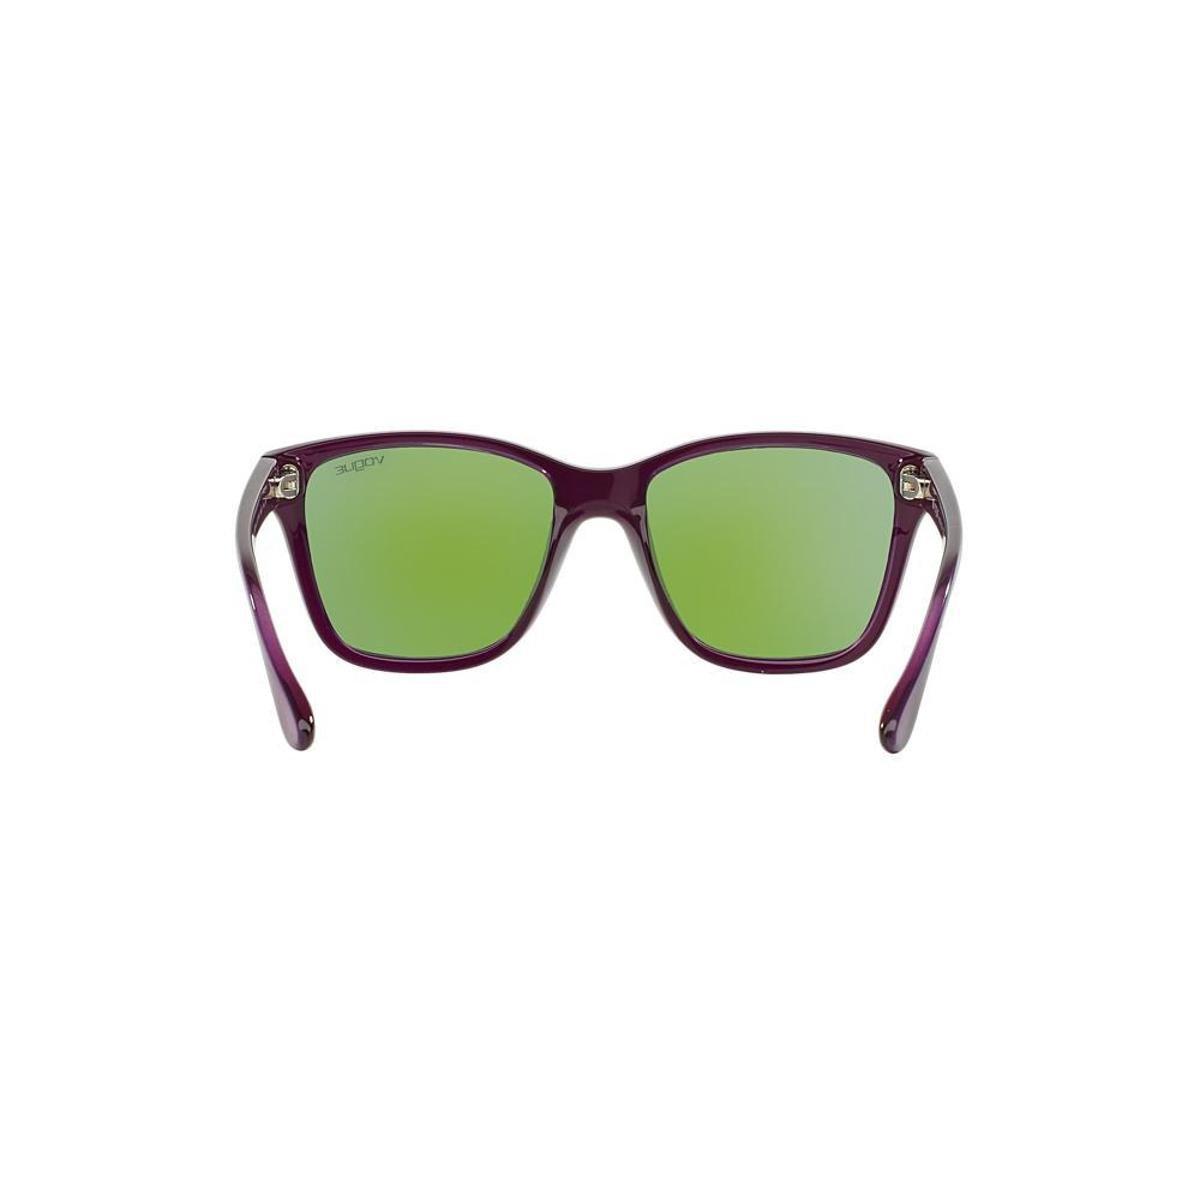 8fed9a60892ab Óculos de Sol Vogue Quadrado VO2896S Feminino - Compre Agora   Zattini